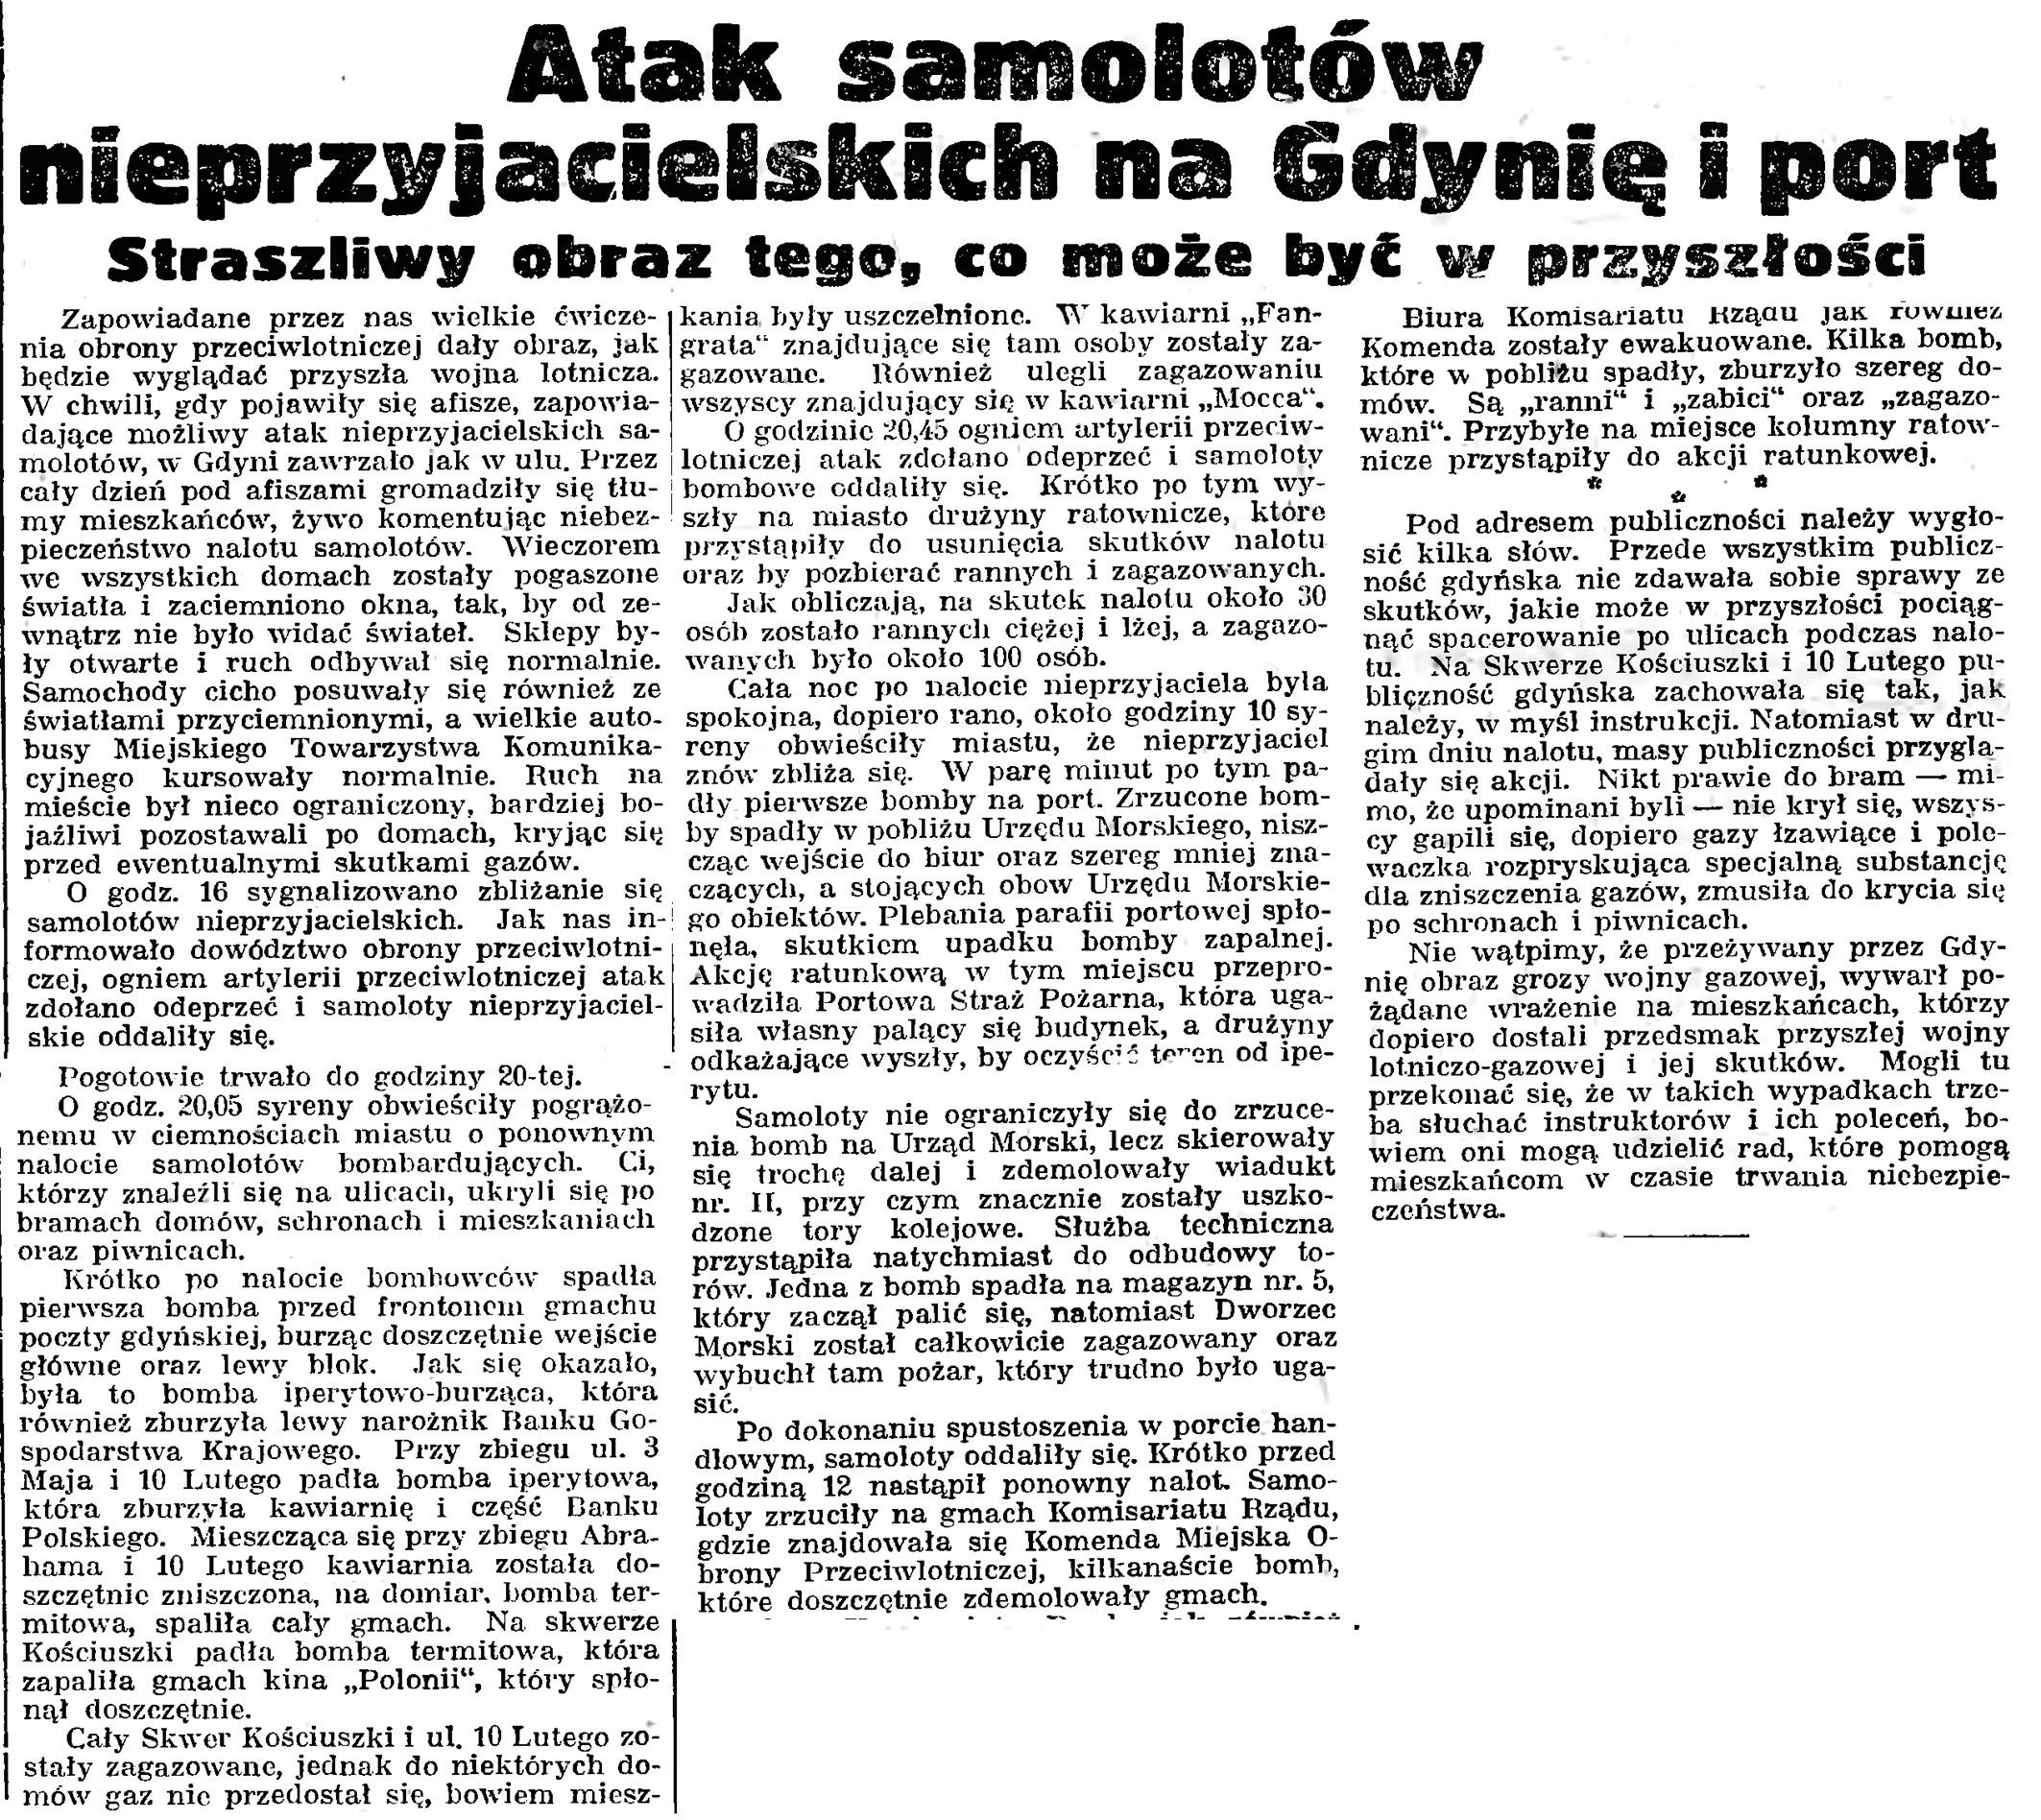 Atak samolotów nieprzyjacielskich na Gdynię i port. Straszliwy obraz tego, co może być w przyszłości // Gazeta Gdańska. - 19239, nr 12, s. 12